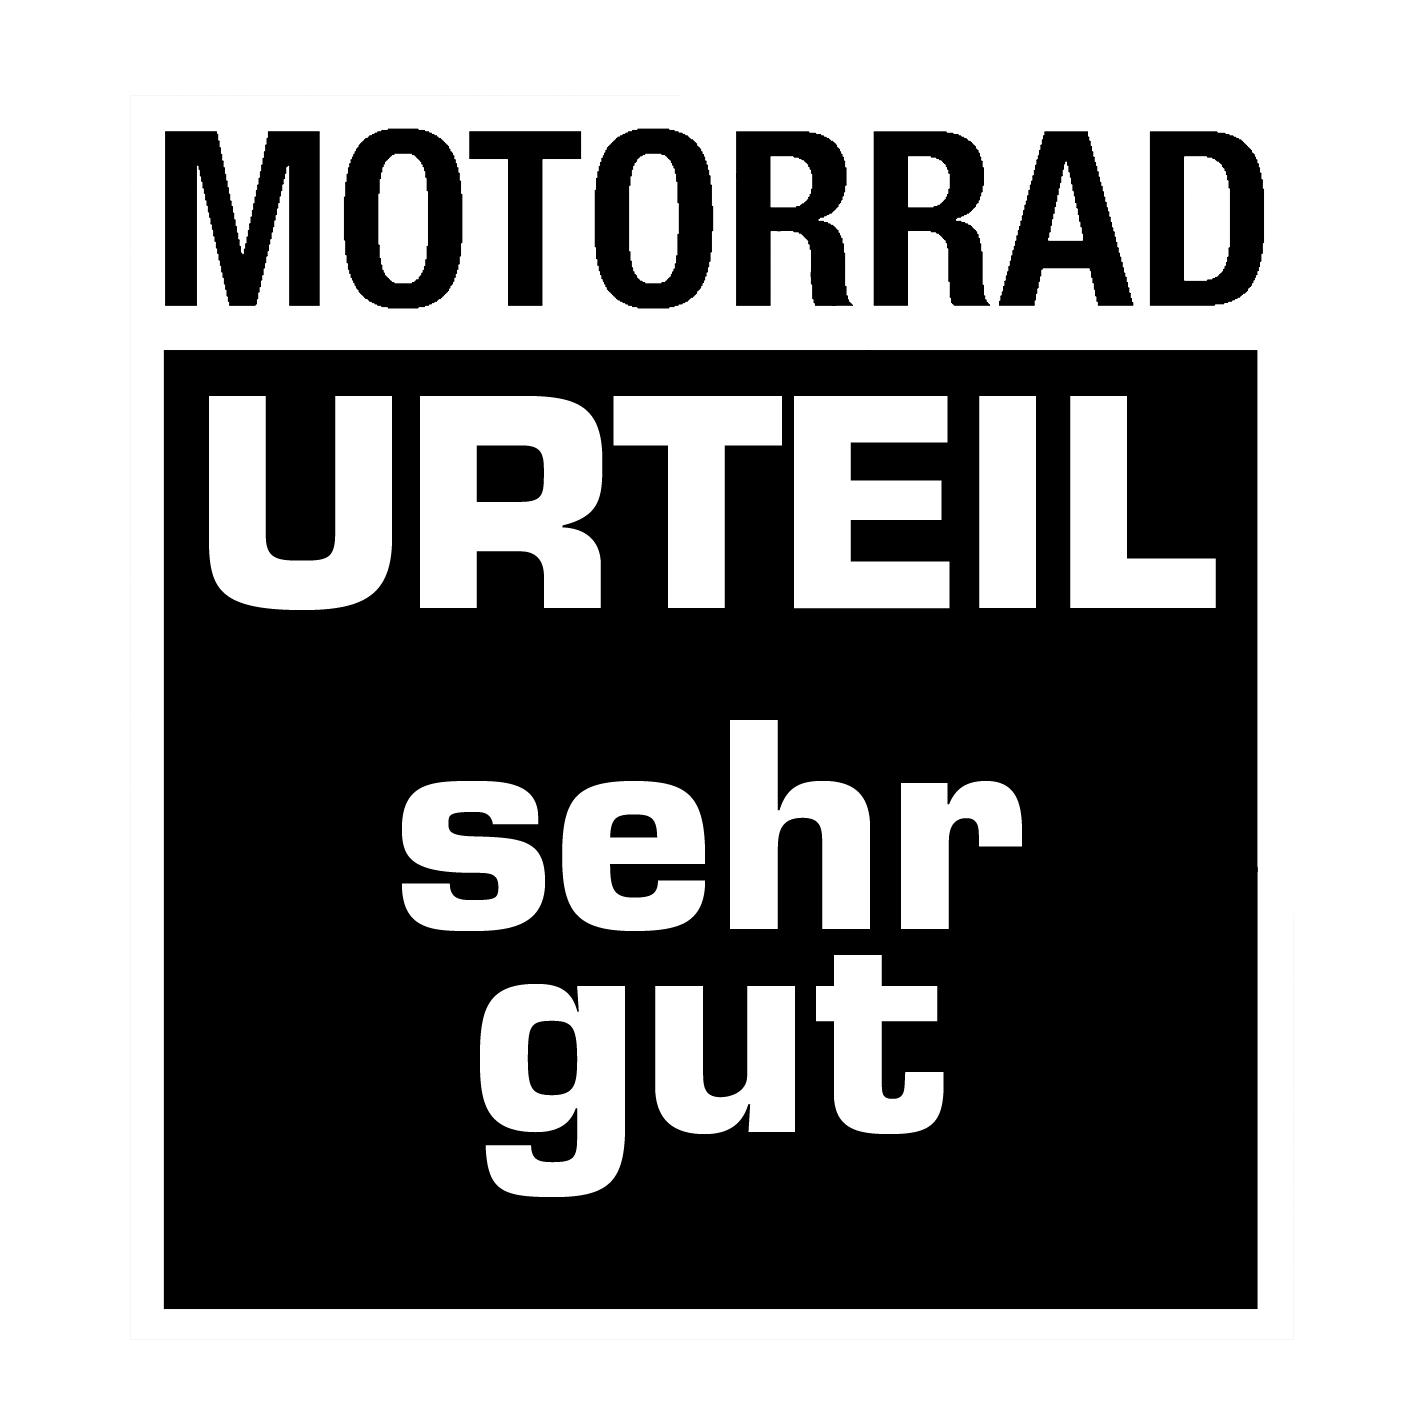 ICON_Motorrad_Urteil_sehr_gut_s